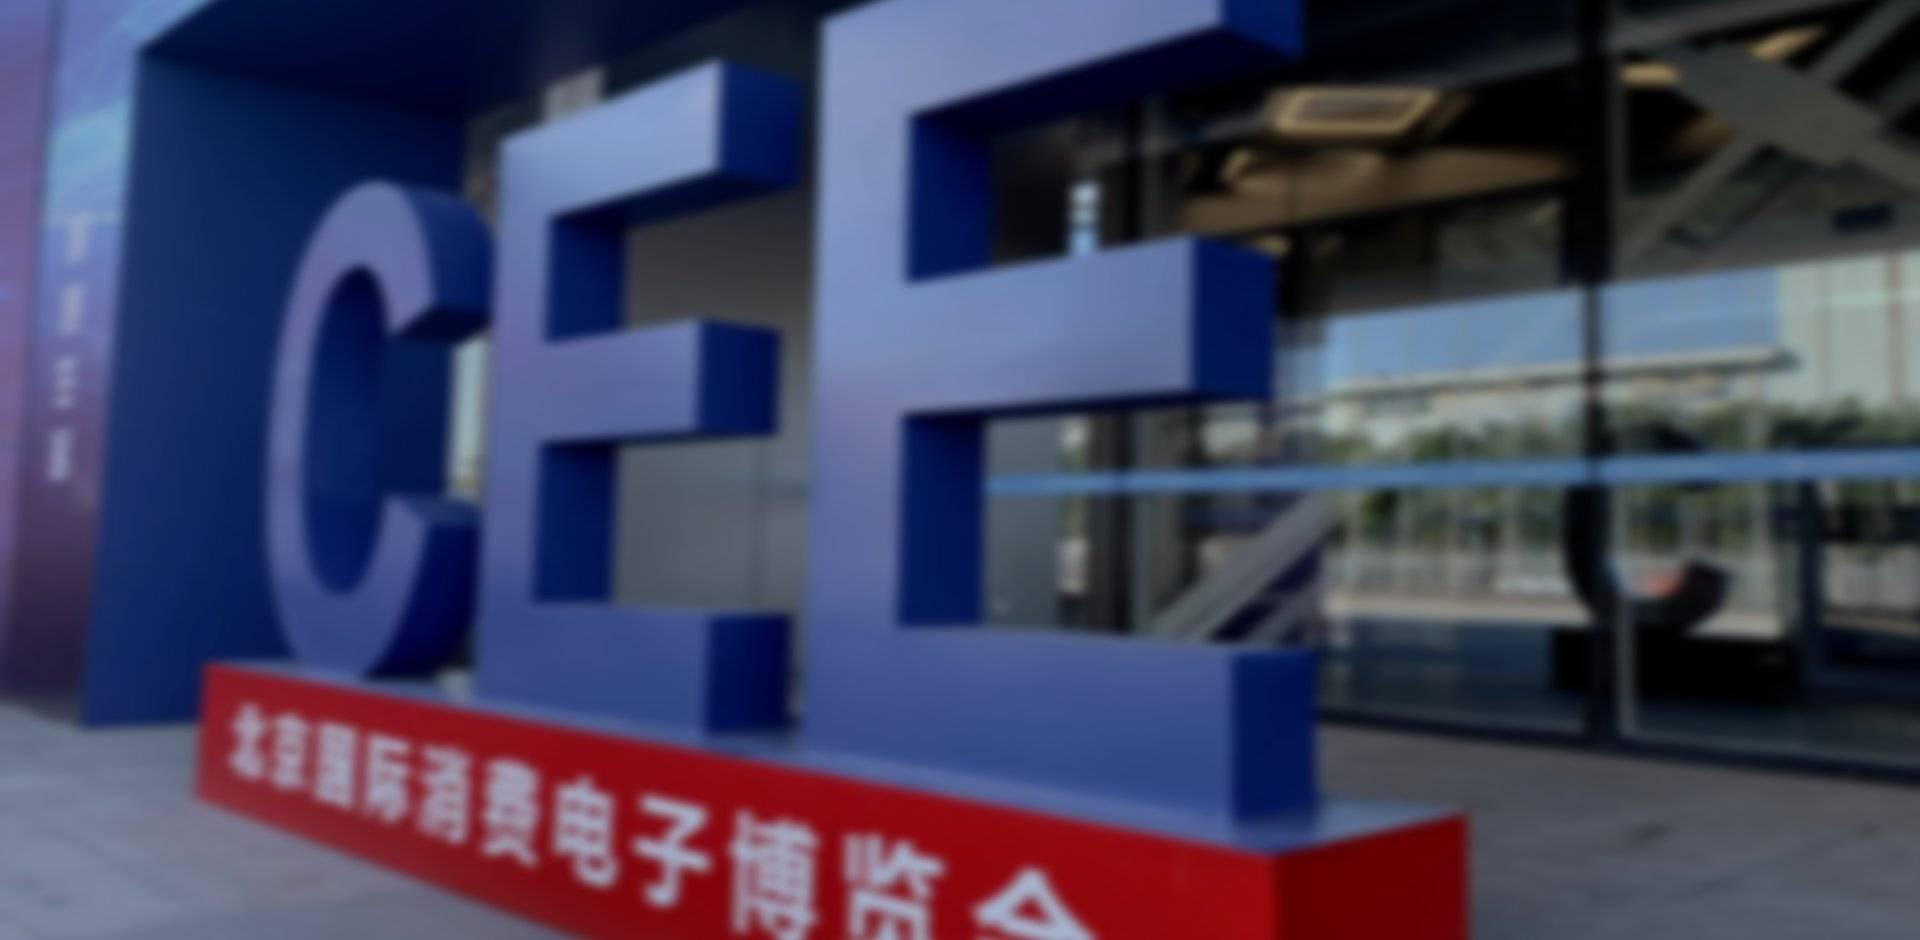 CEE2021亚洲消费电子展是中国唯一的专业国